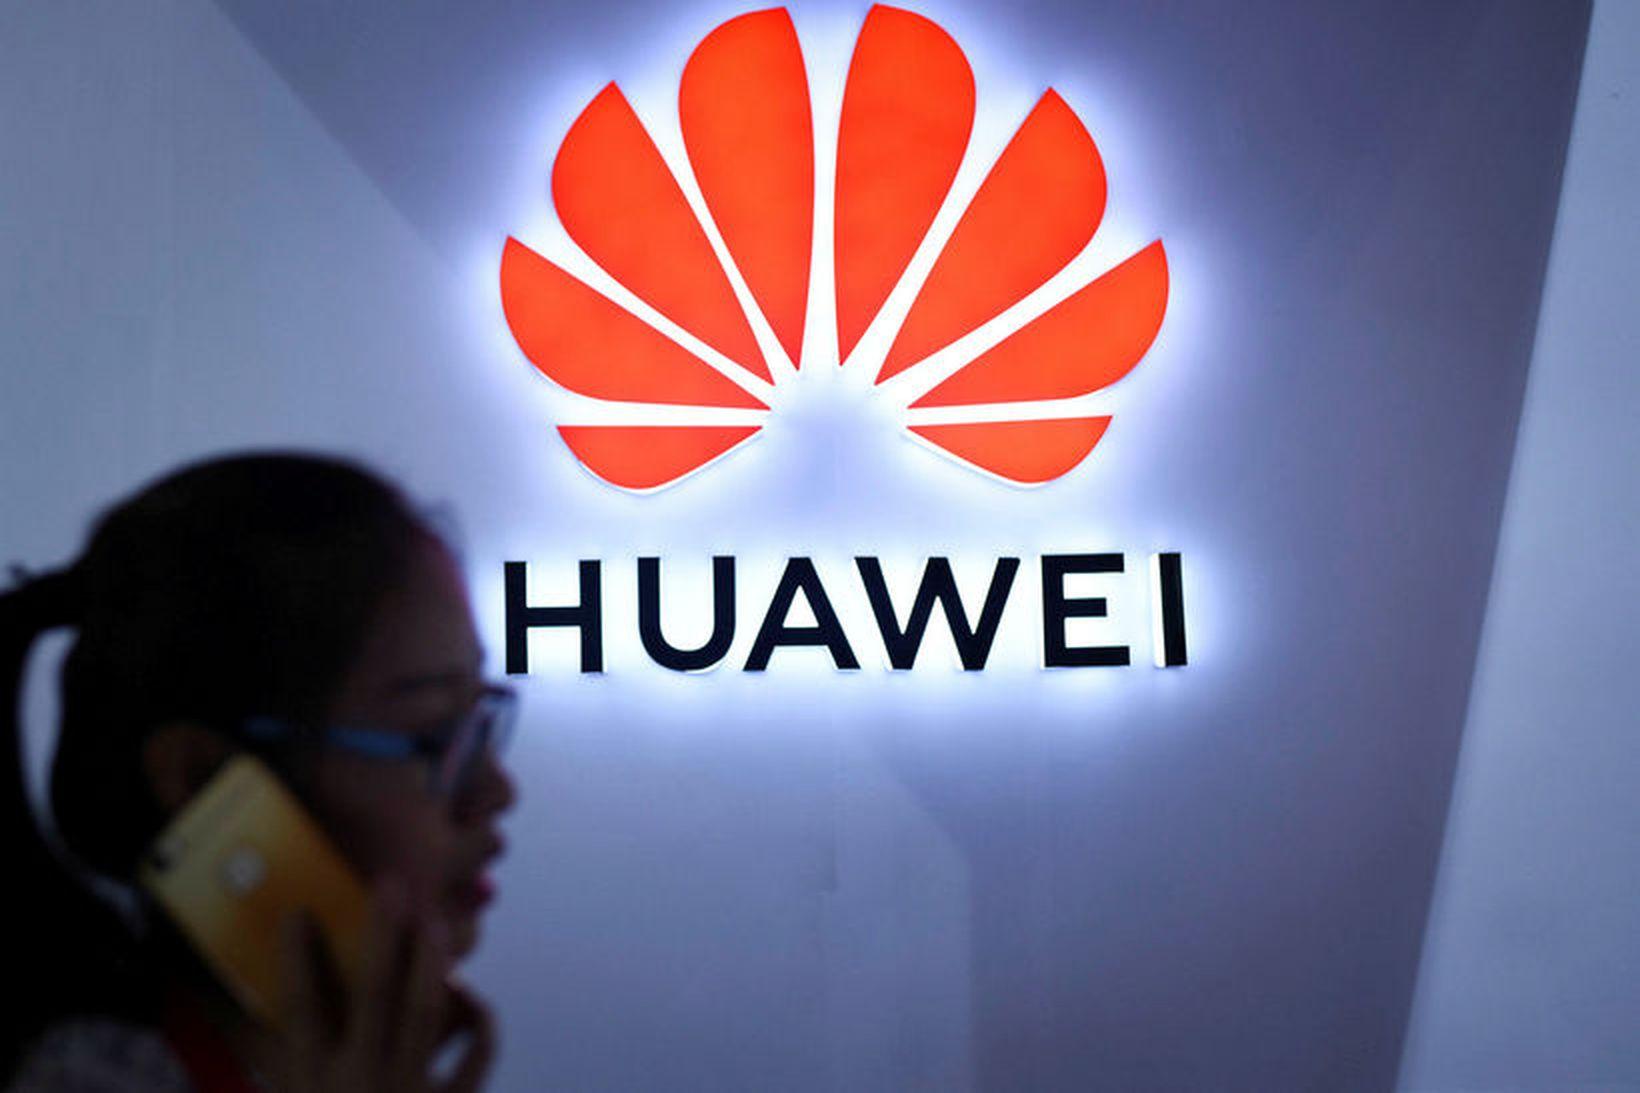 Kona notar síma sinn við merki Huawei í Peking.